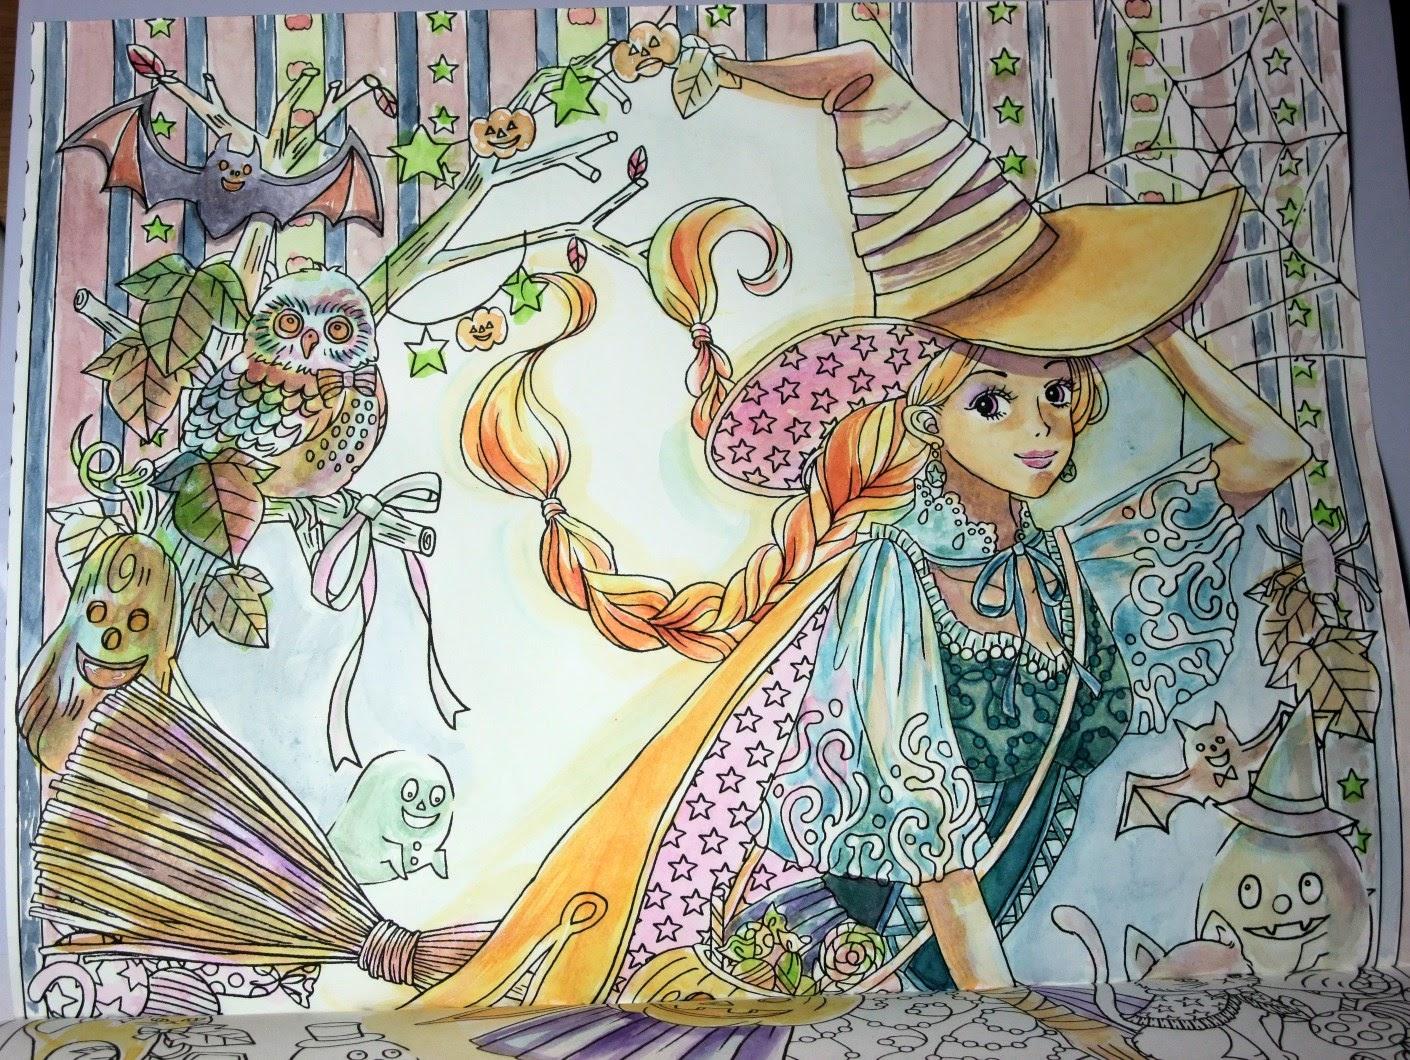 ハロウィンの魔女ぜったいキレイに仕上がる塗り絵 ビューティフル